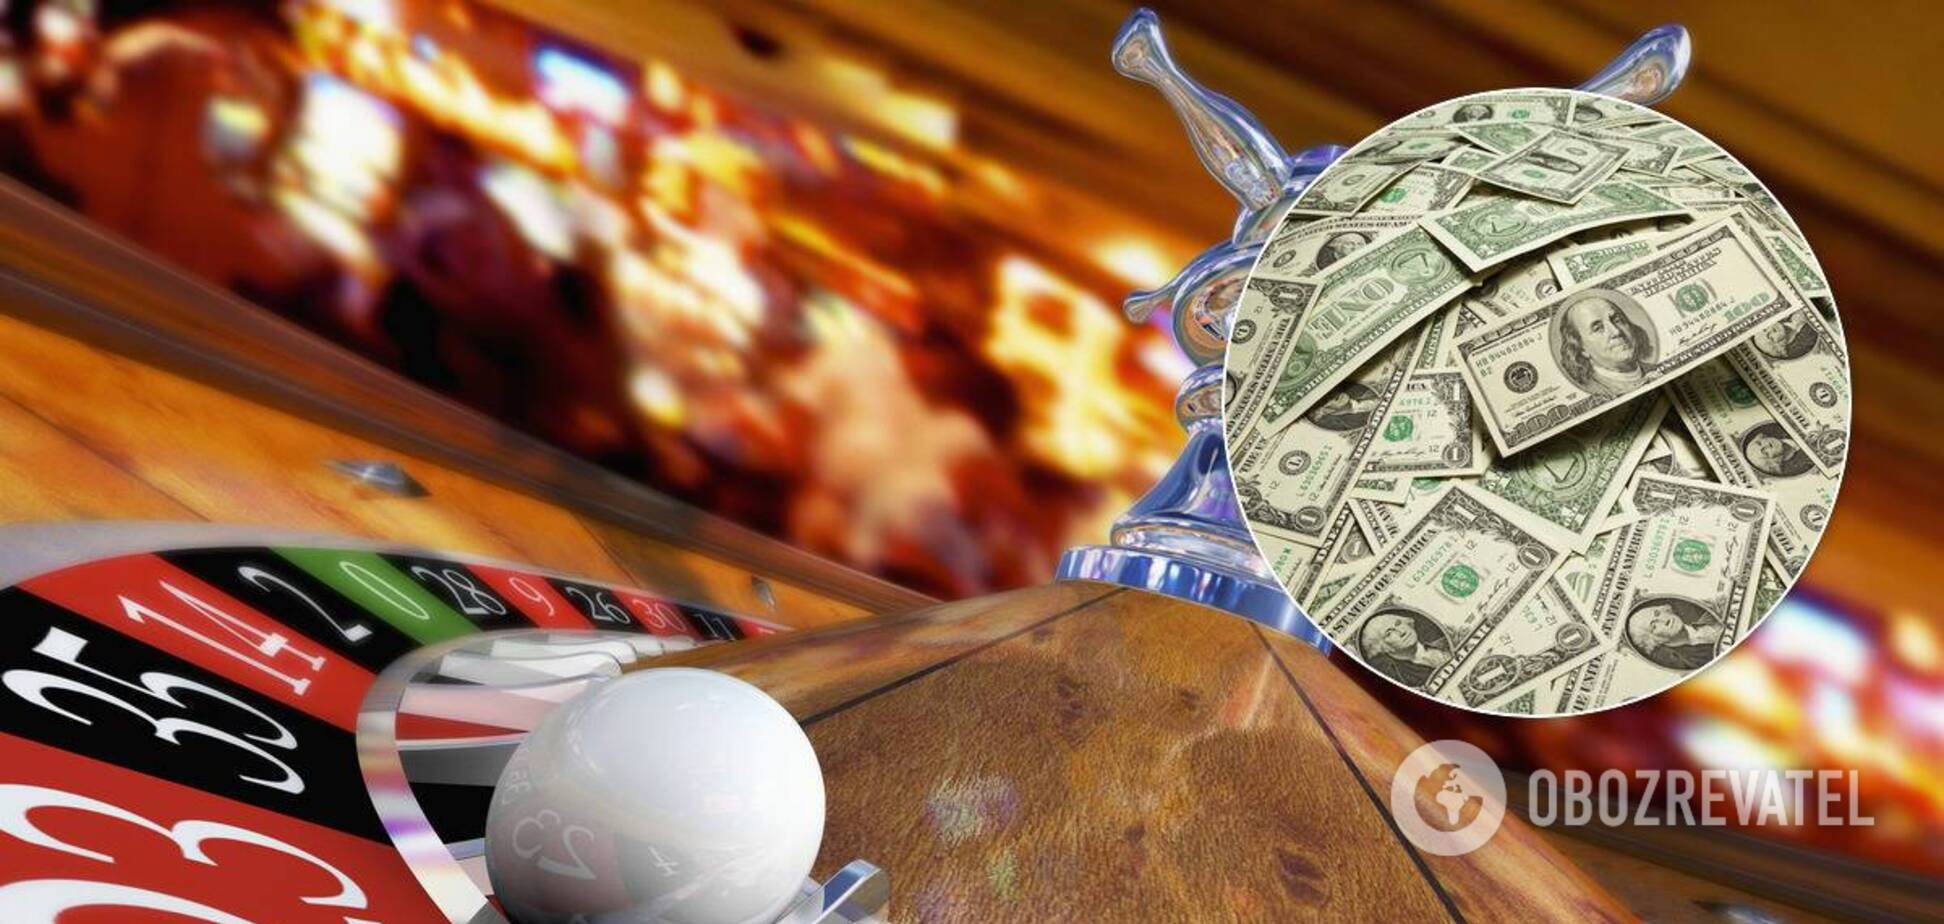 Легалізація азартних ігор: скільки заробляють на казино у світі і що з цим не так в Україні